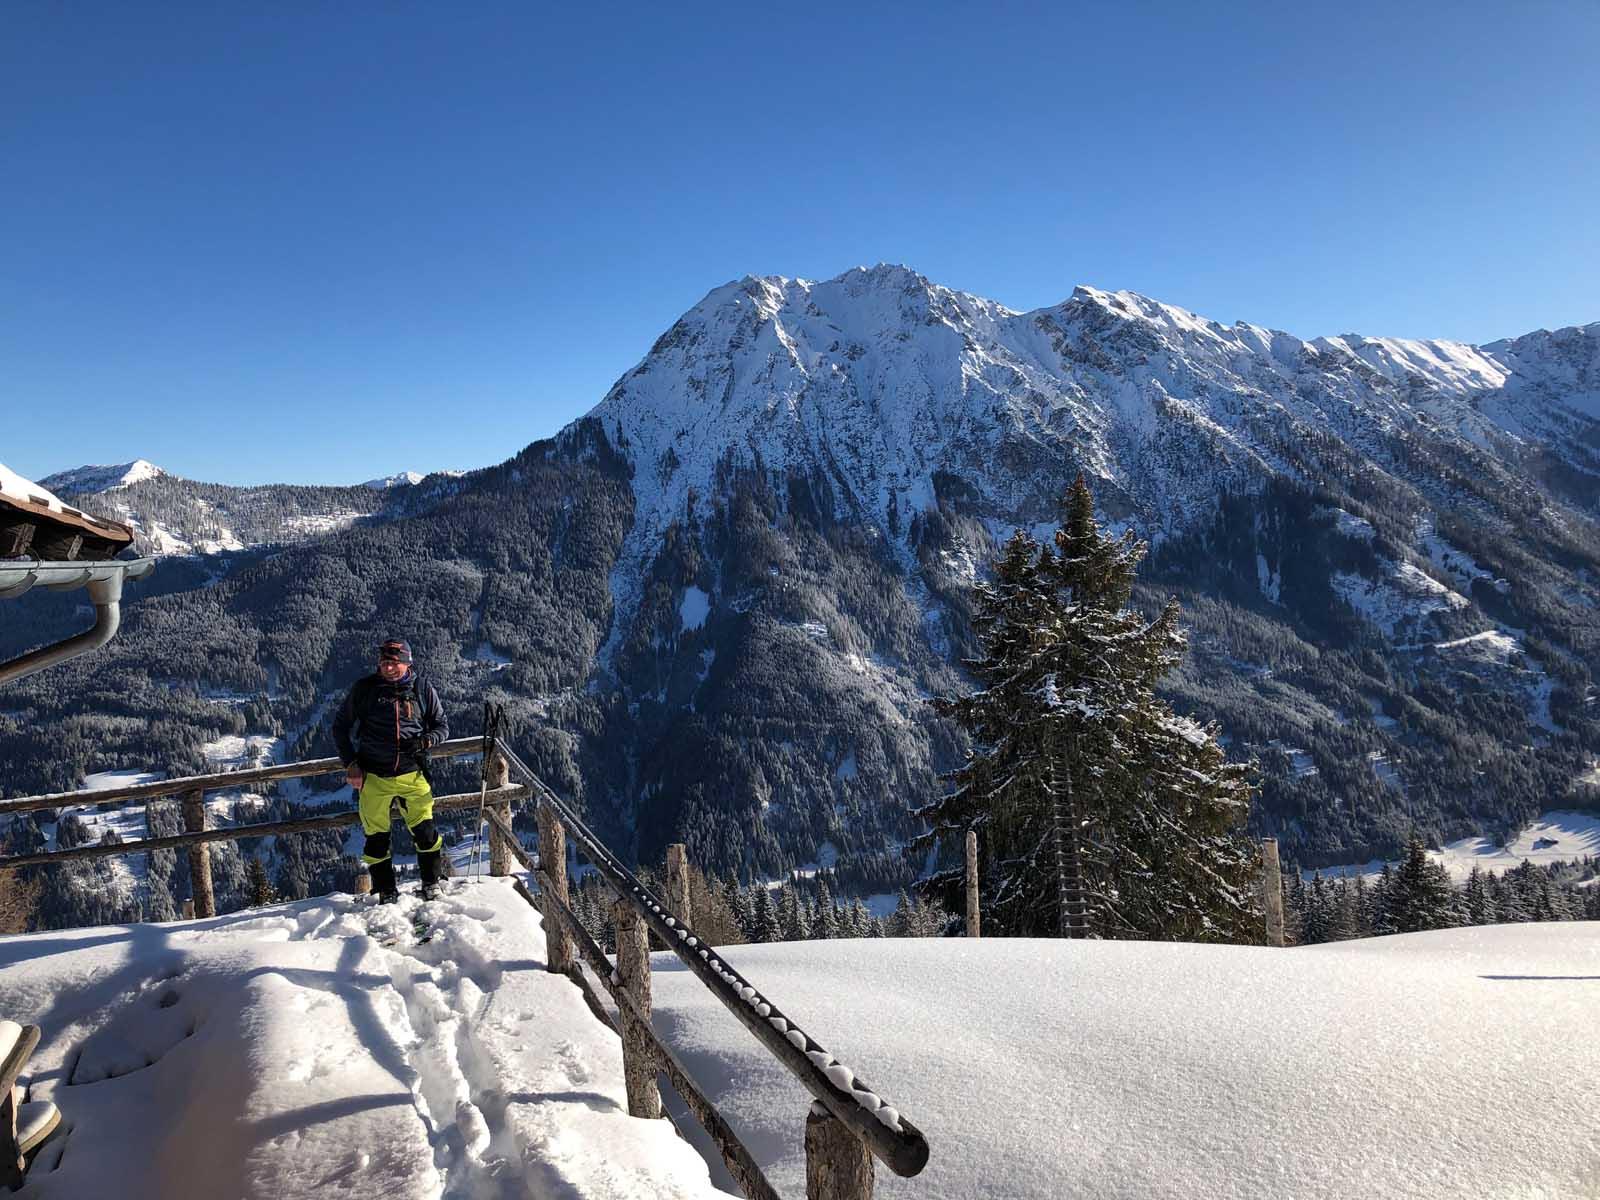 Ski tour tip in Salzburg, ski tour route in Wagrain-Kleinarl